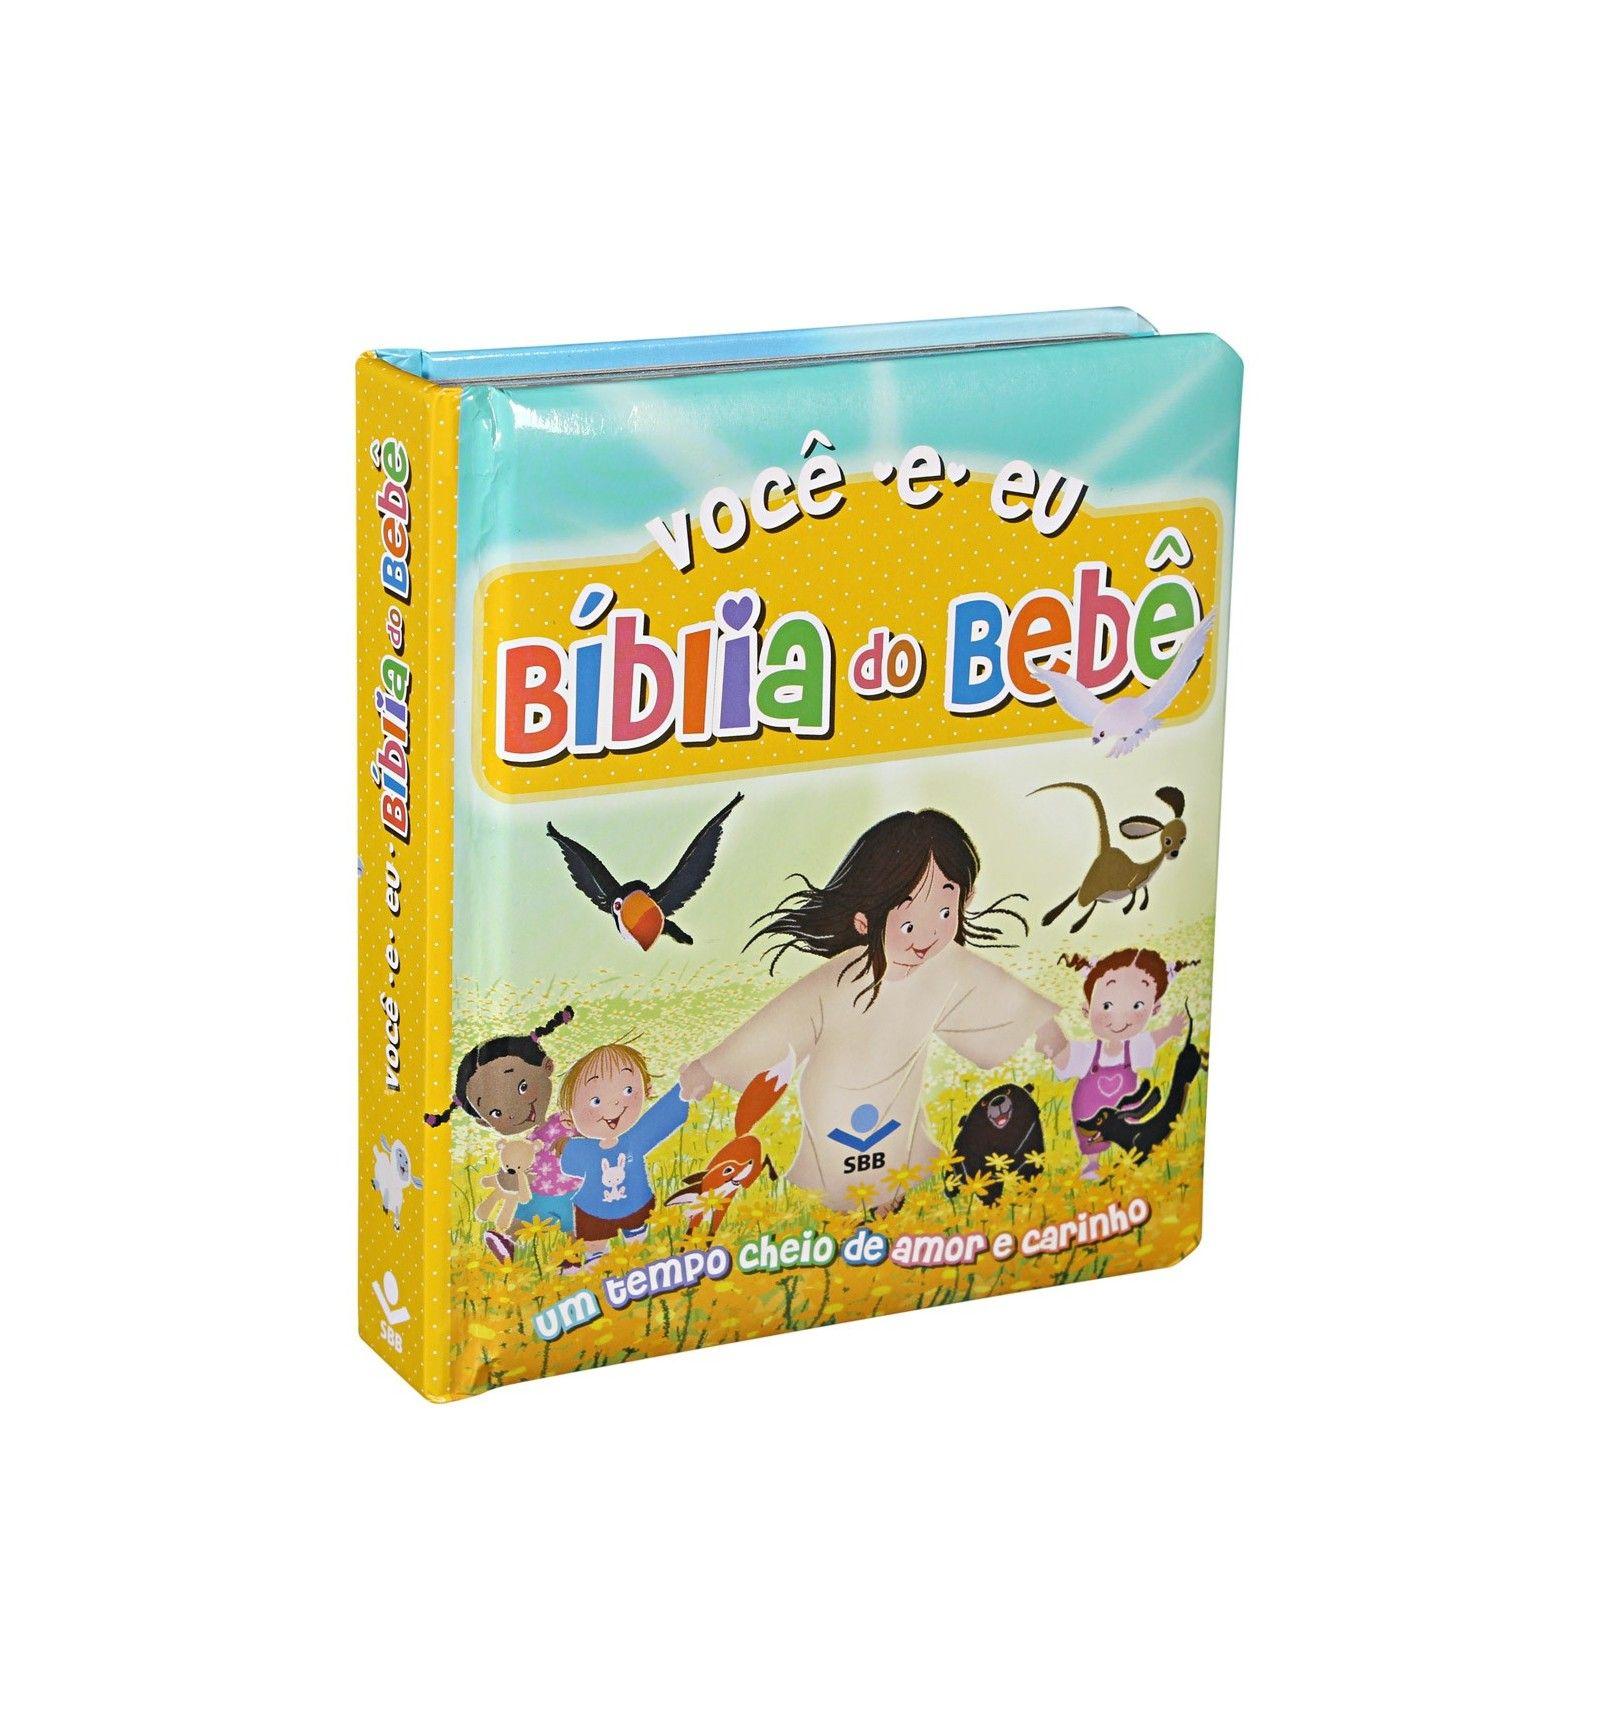 VOCÊ E EU  BÍBLIA DO BEBÊ CAPA DURA Almofada Ilustrada